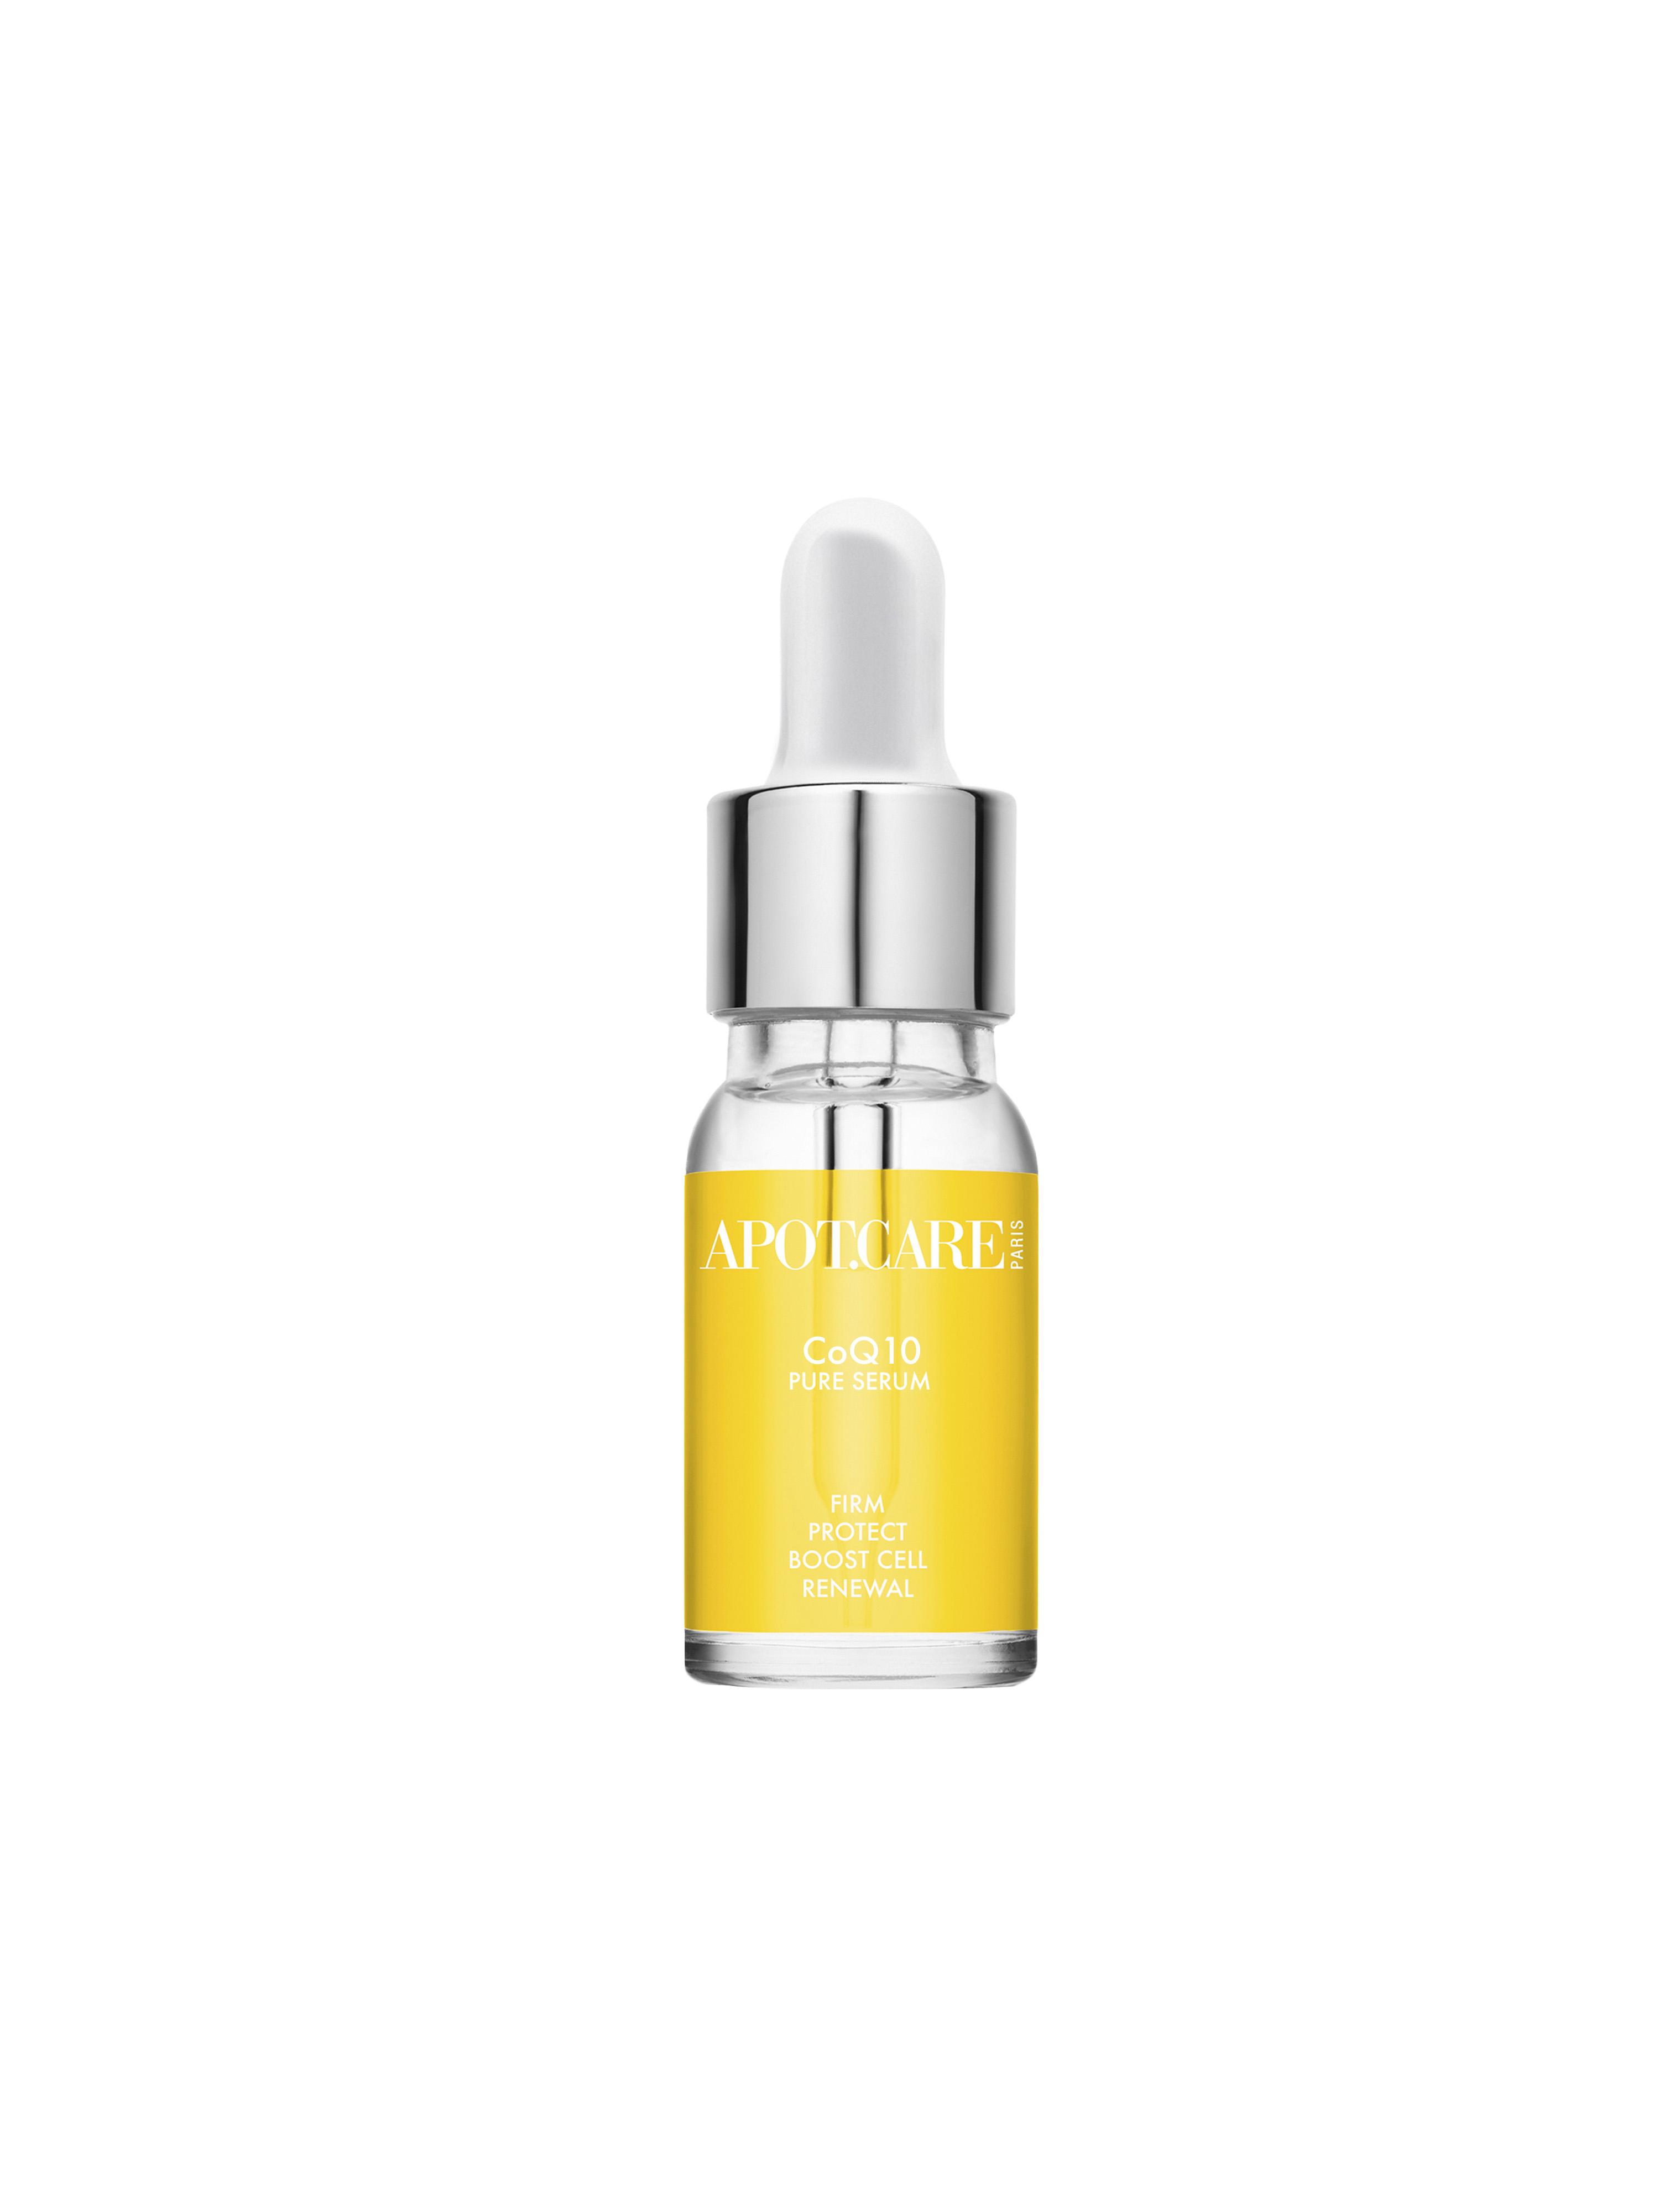 APOT.CARE CoQ10 Pure Serum, 10 ml